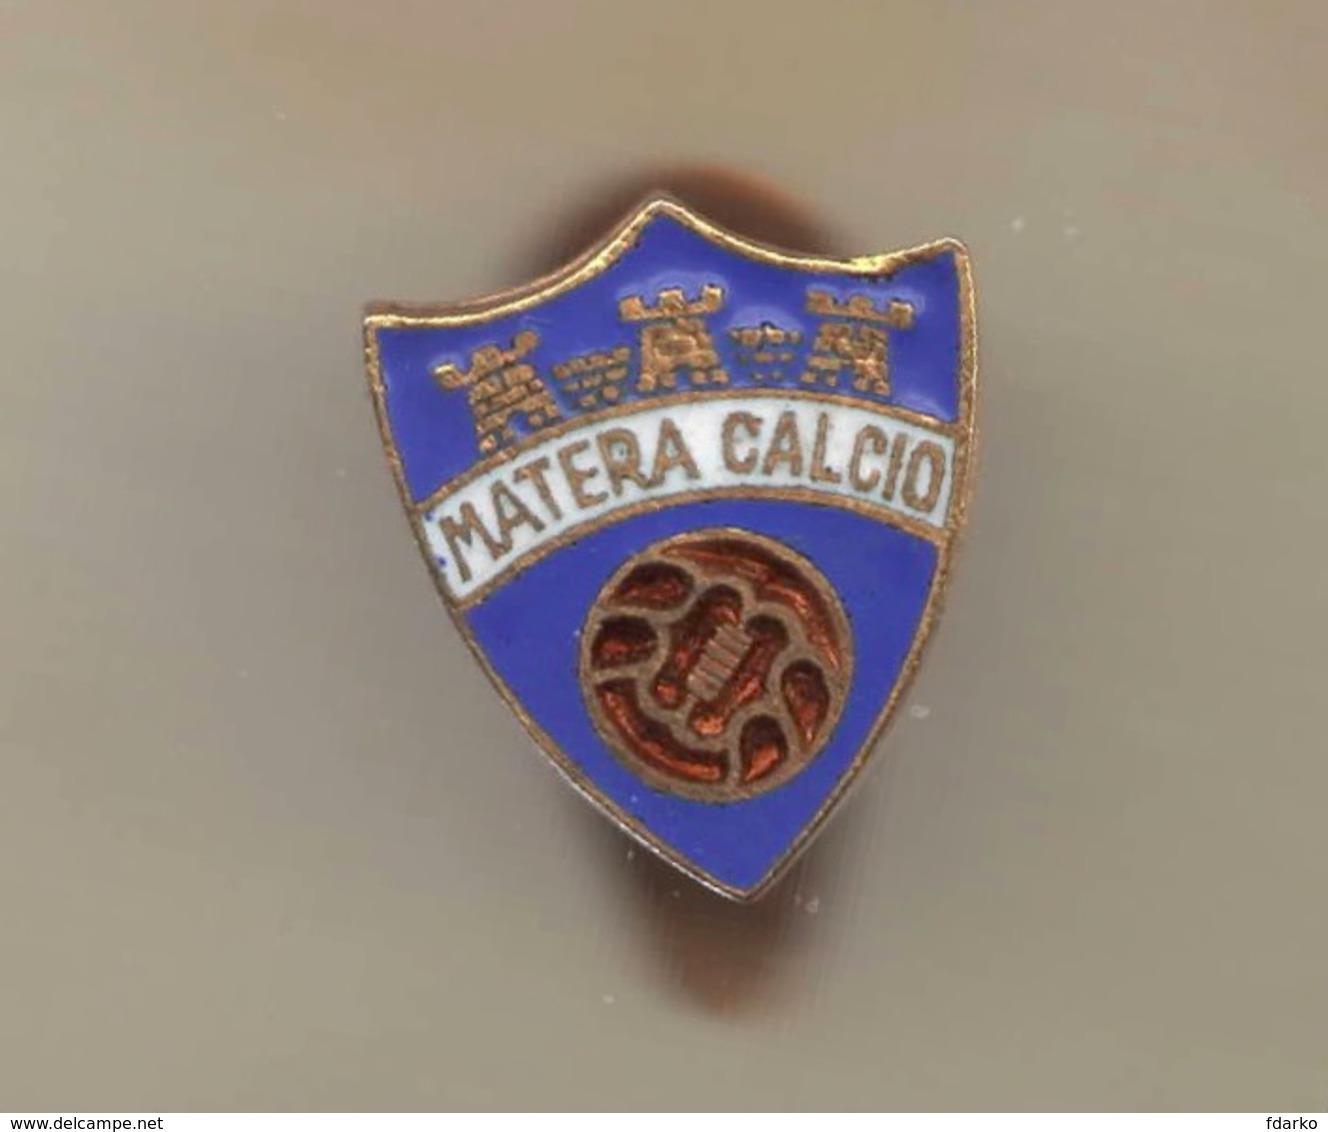 Matera Calcio Distintivi FootBall Soccer Pins Spilla Busellato Genova Italy - Calcio